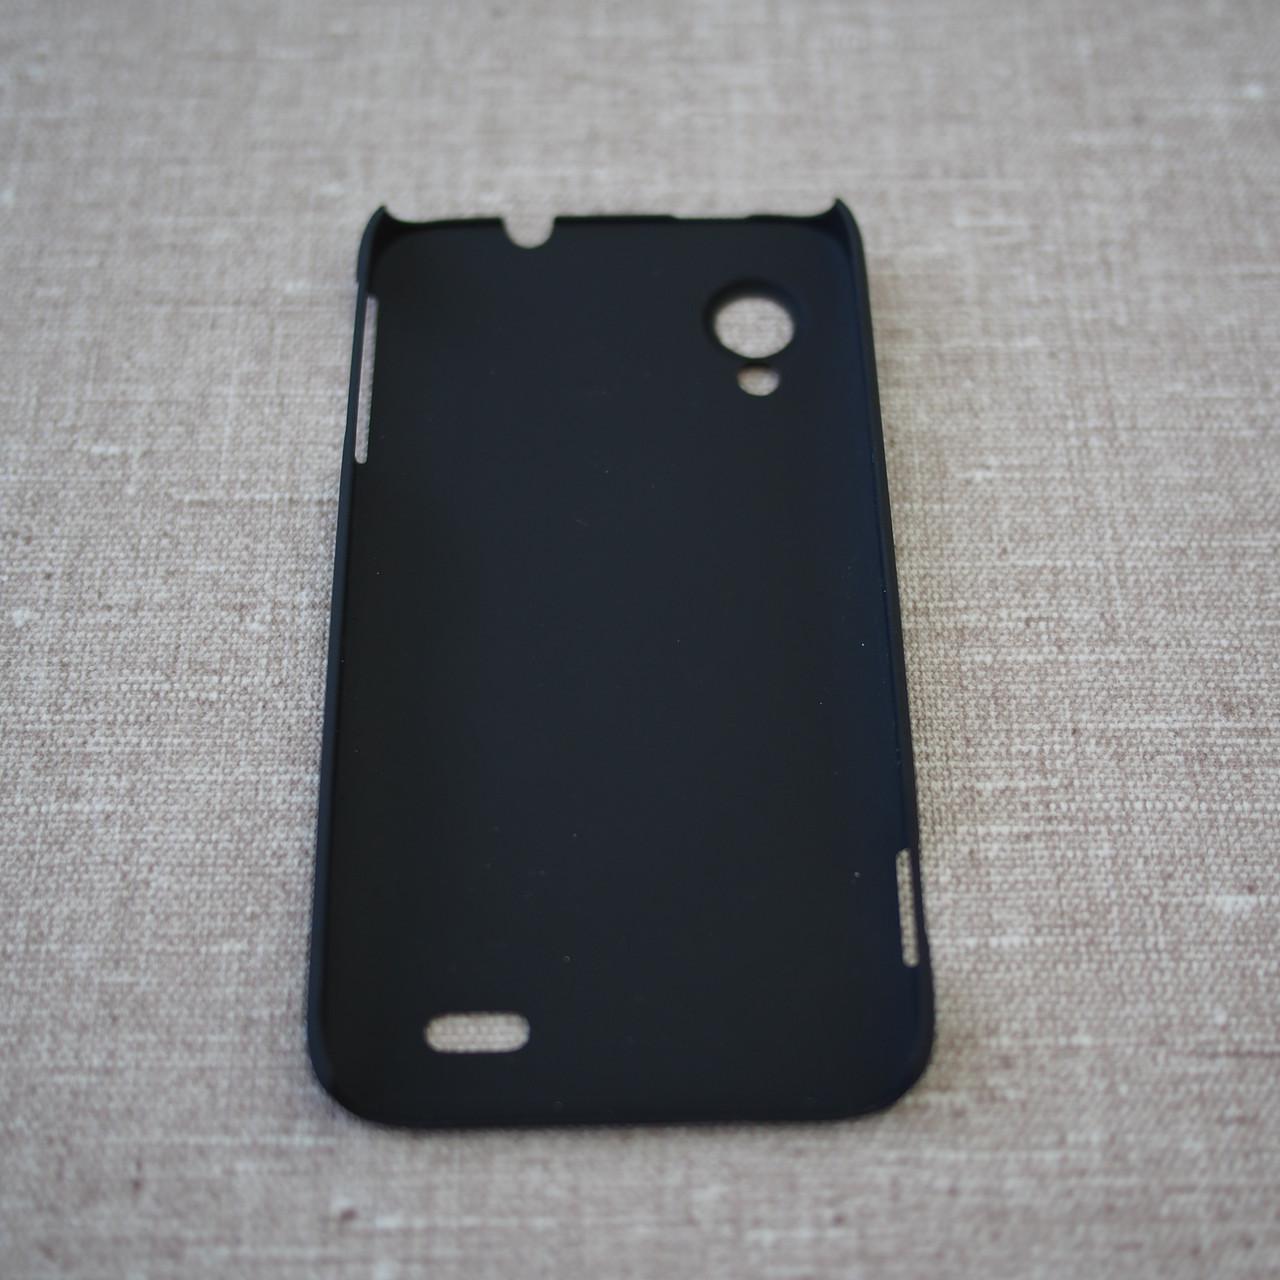 Чехлы для других смартфонов Lenovo S720 black Для телефона Черный